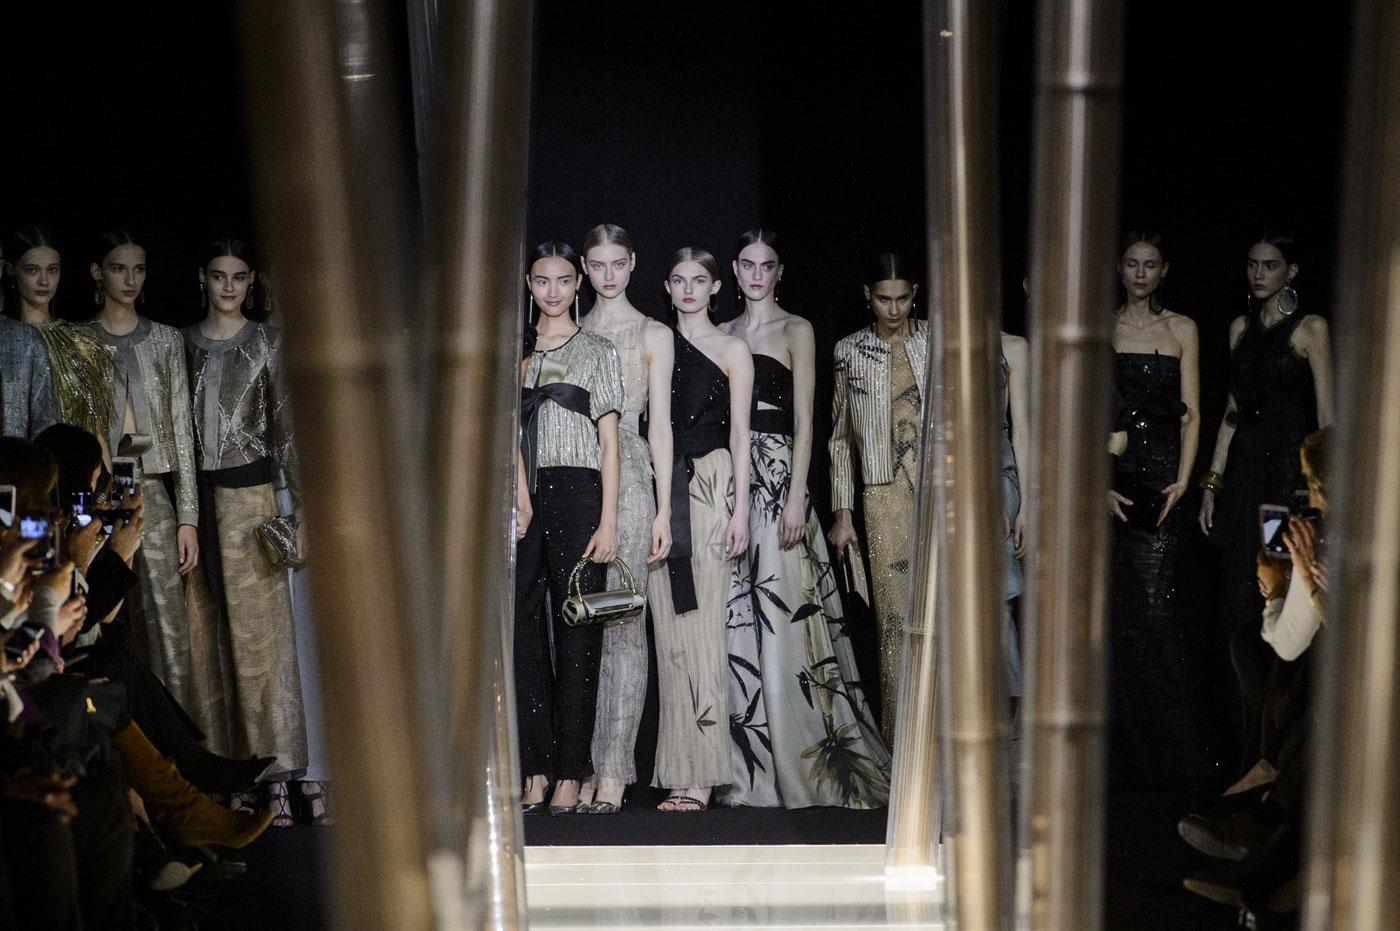 Giorgio-armani-Prive-fashion-runway-show-haute-couture-paris-spring-2015-the-impression-142